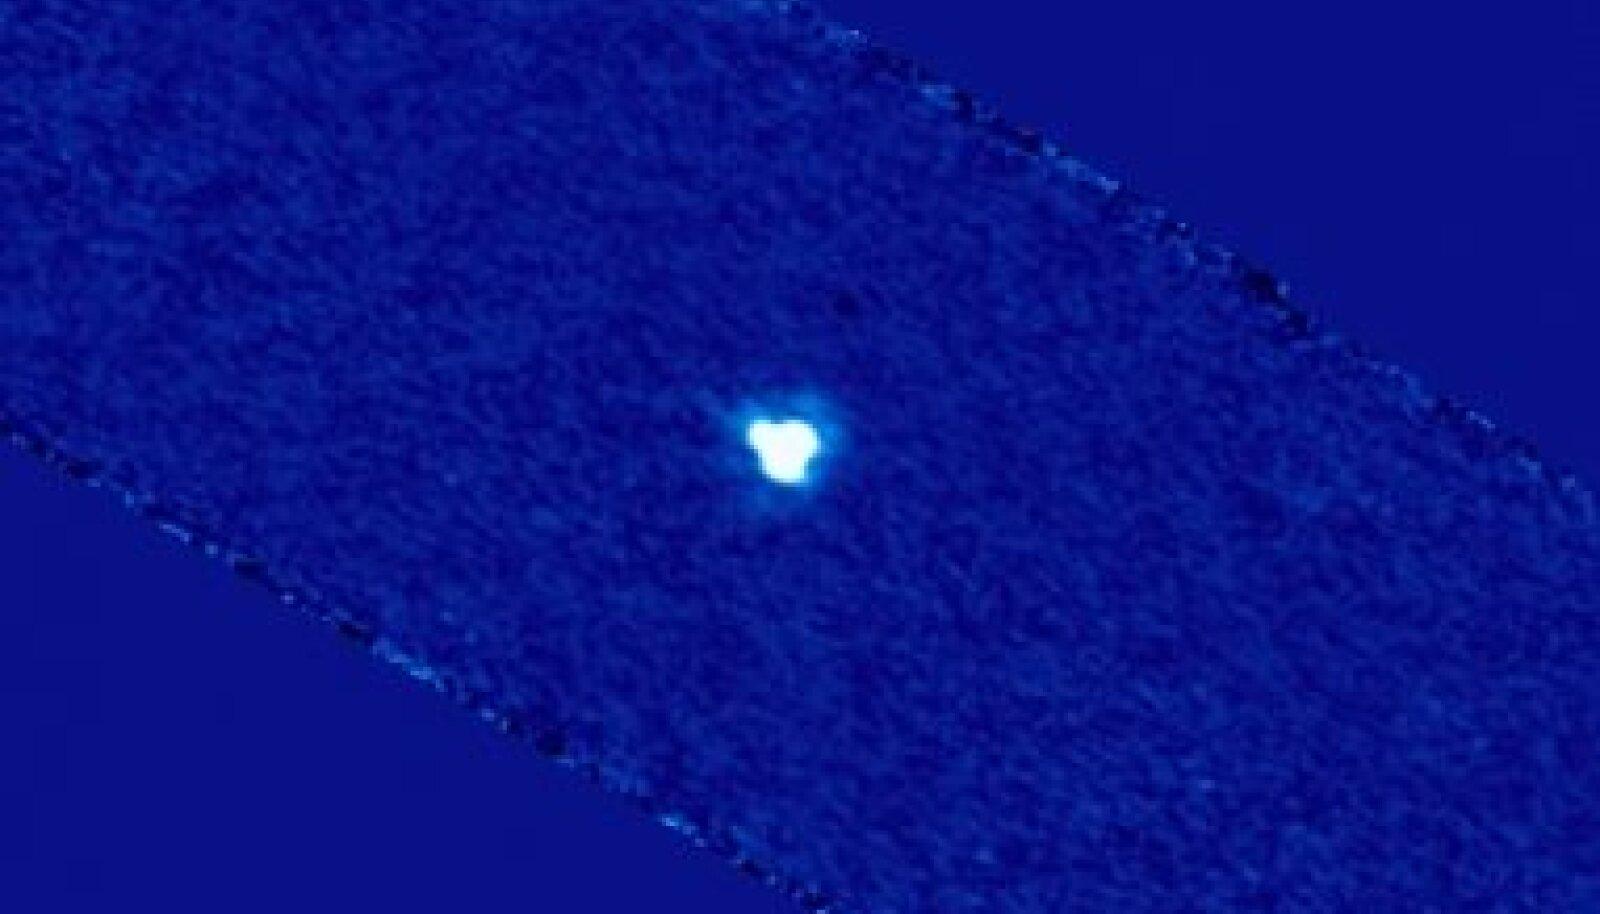 Asteroid 2005 YU55 Herscheli kosmoseobservatooriumi võtetest kokku monteeritud pildil. Foto MPI, Extraterrestrial Physics, ESAC